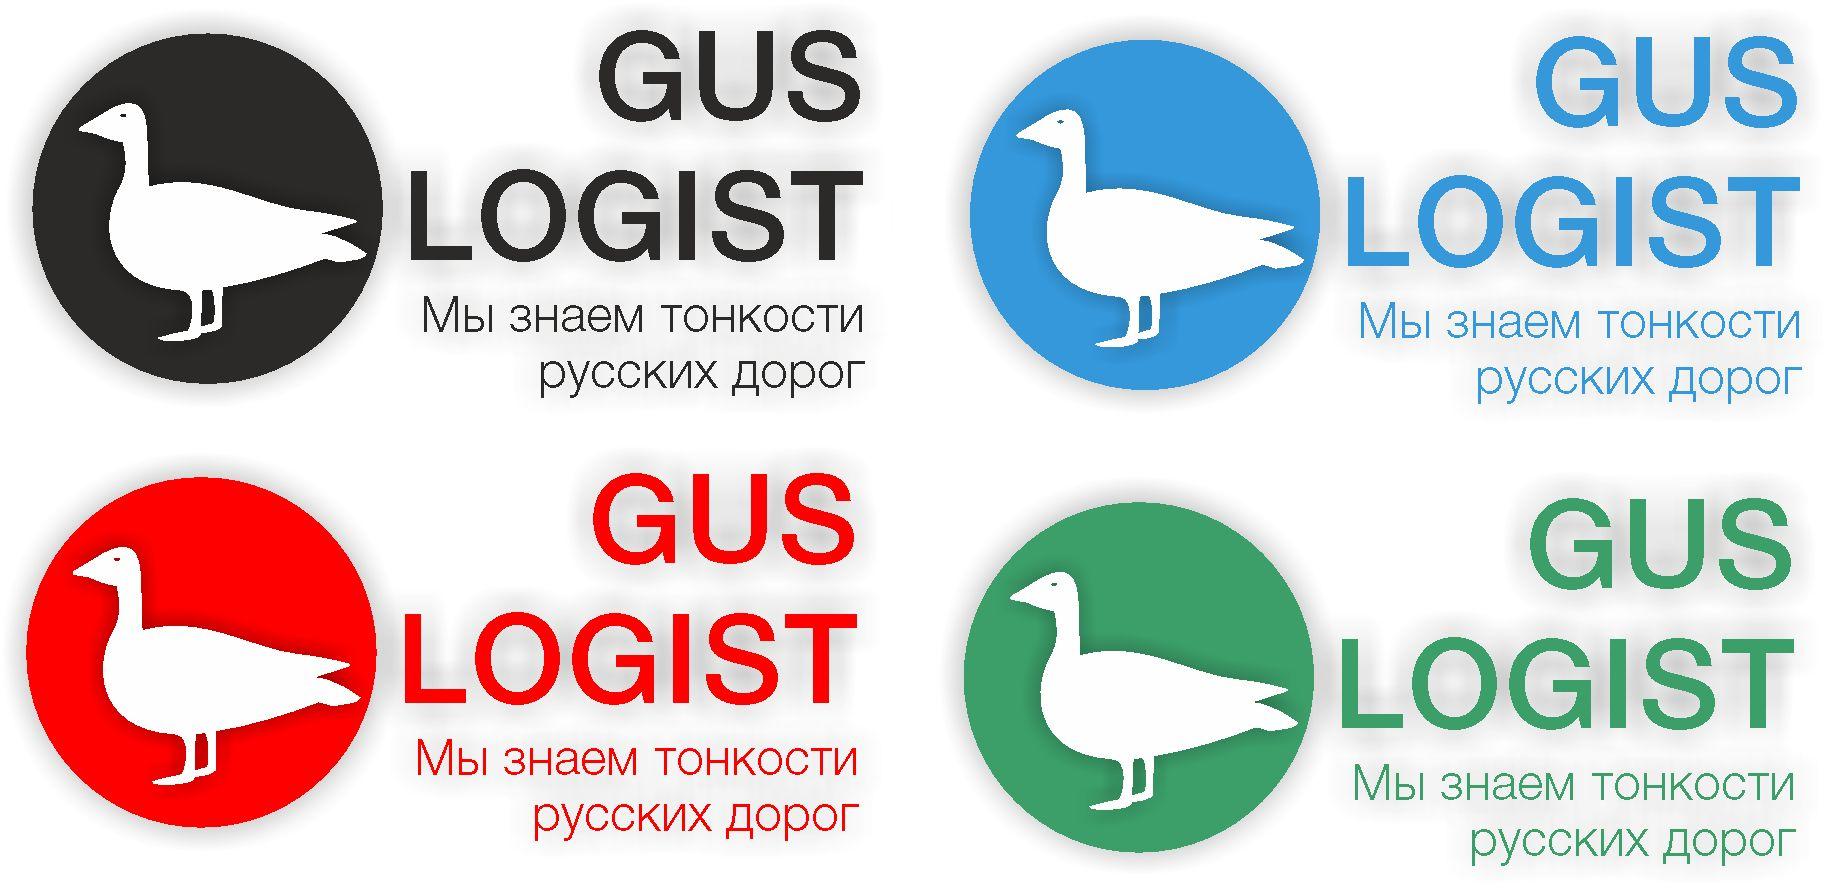 Логотип для транспортной компании - дизайнер ak020813